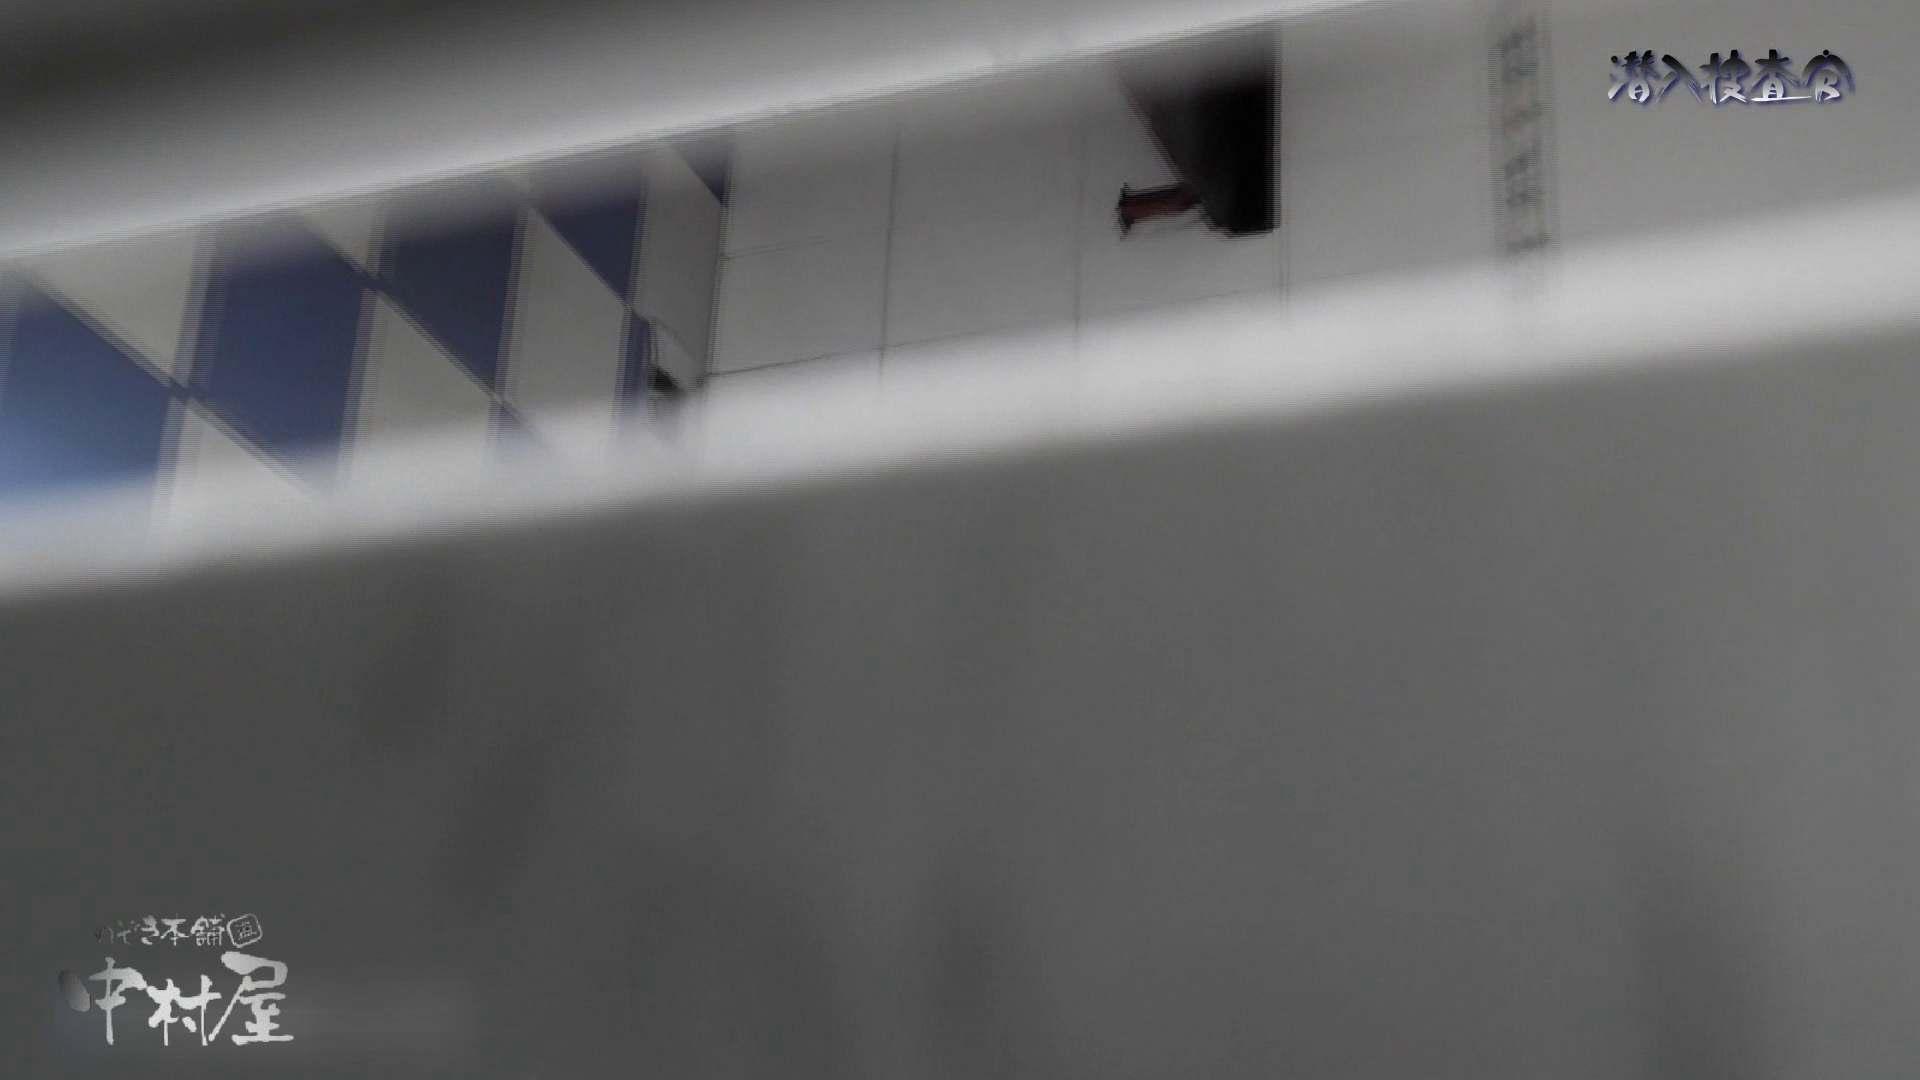 なんだこれ!29 わざと扉を破壊いい風景を撮れました。前編 0  44連発 20